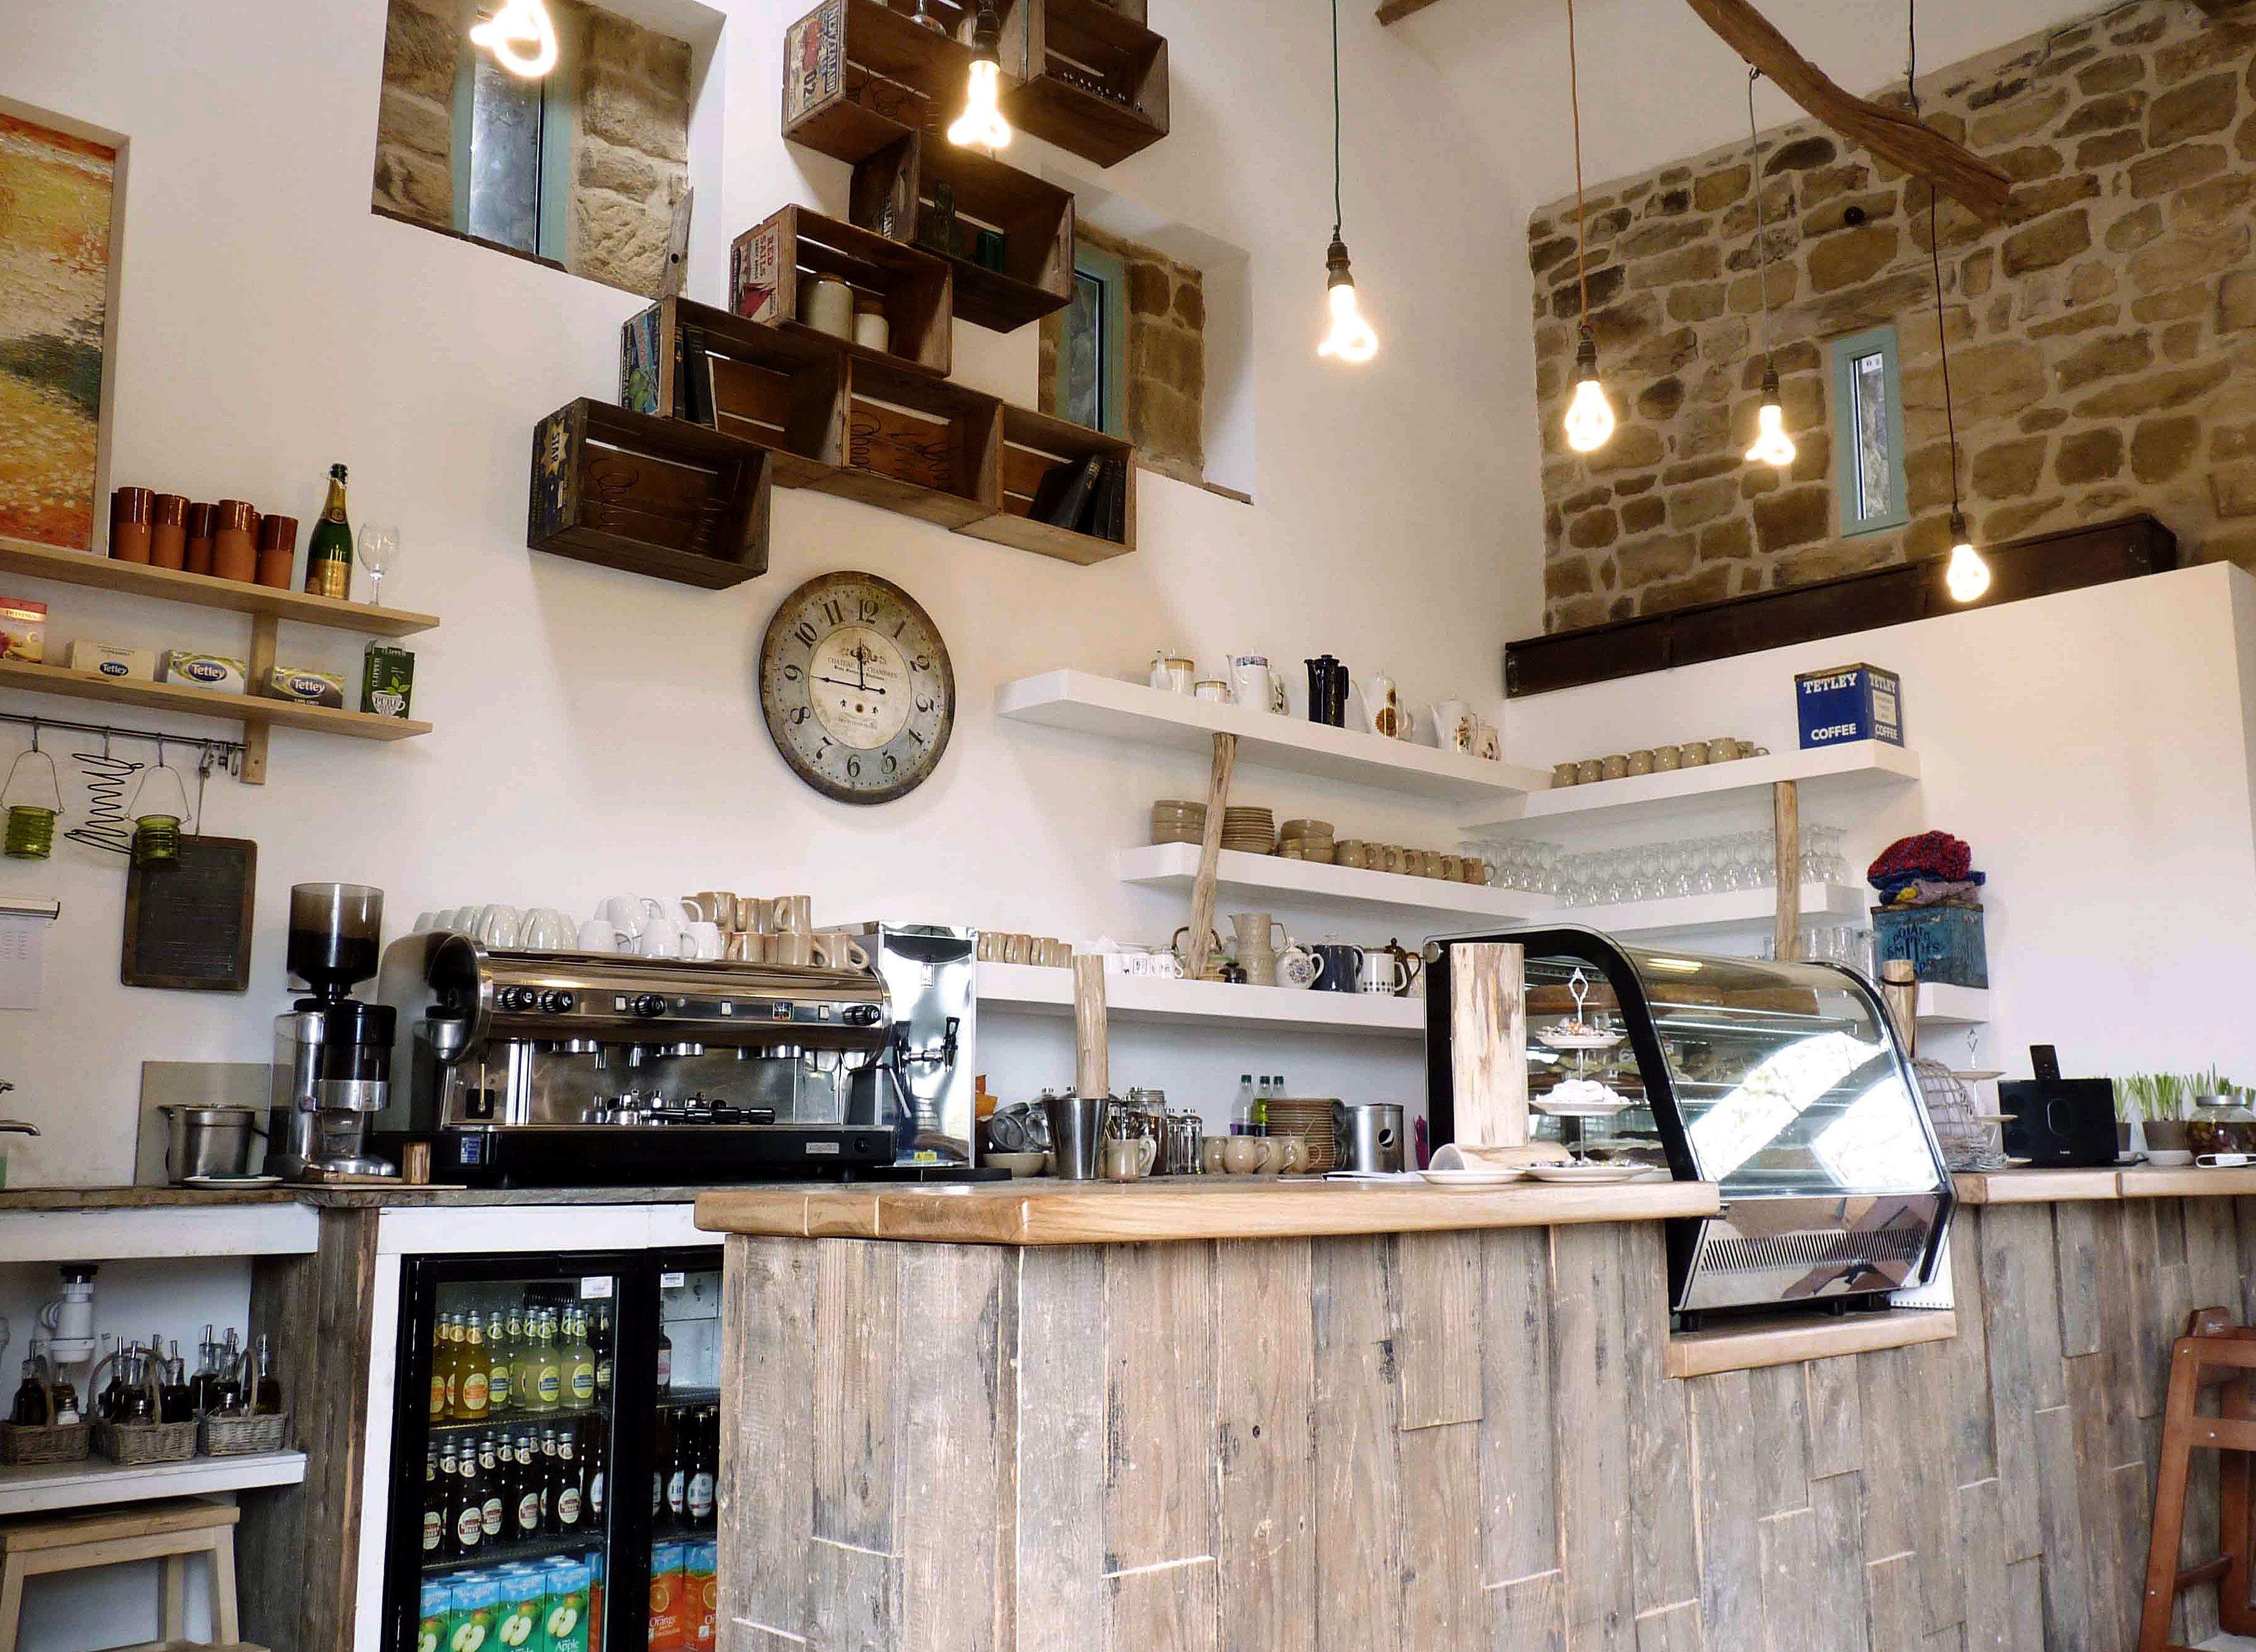 cafe interior - Multi Cafe Decoration